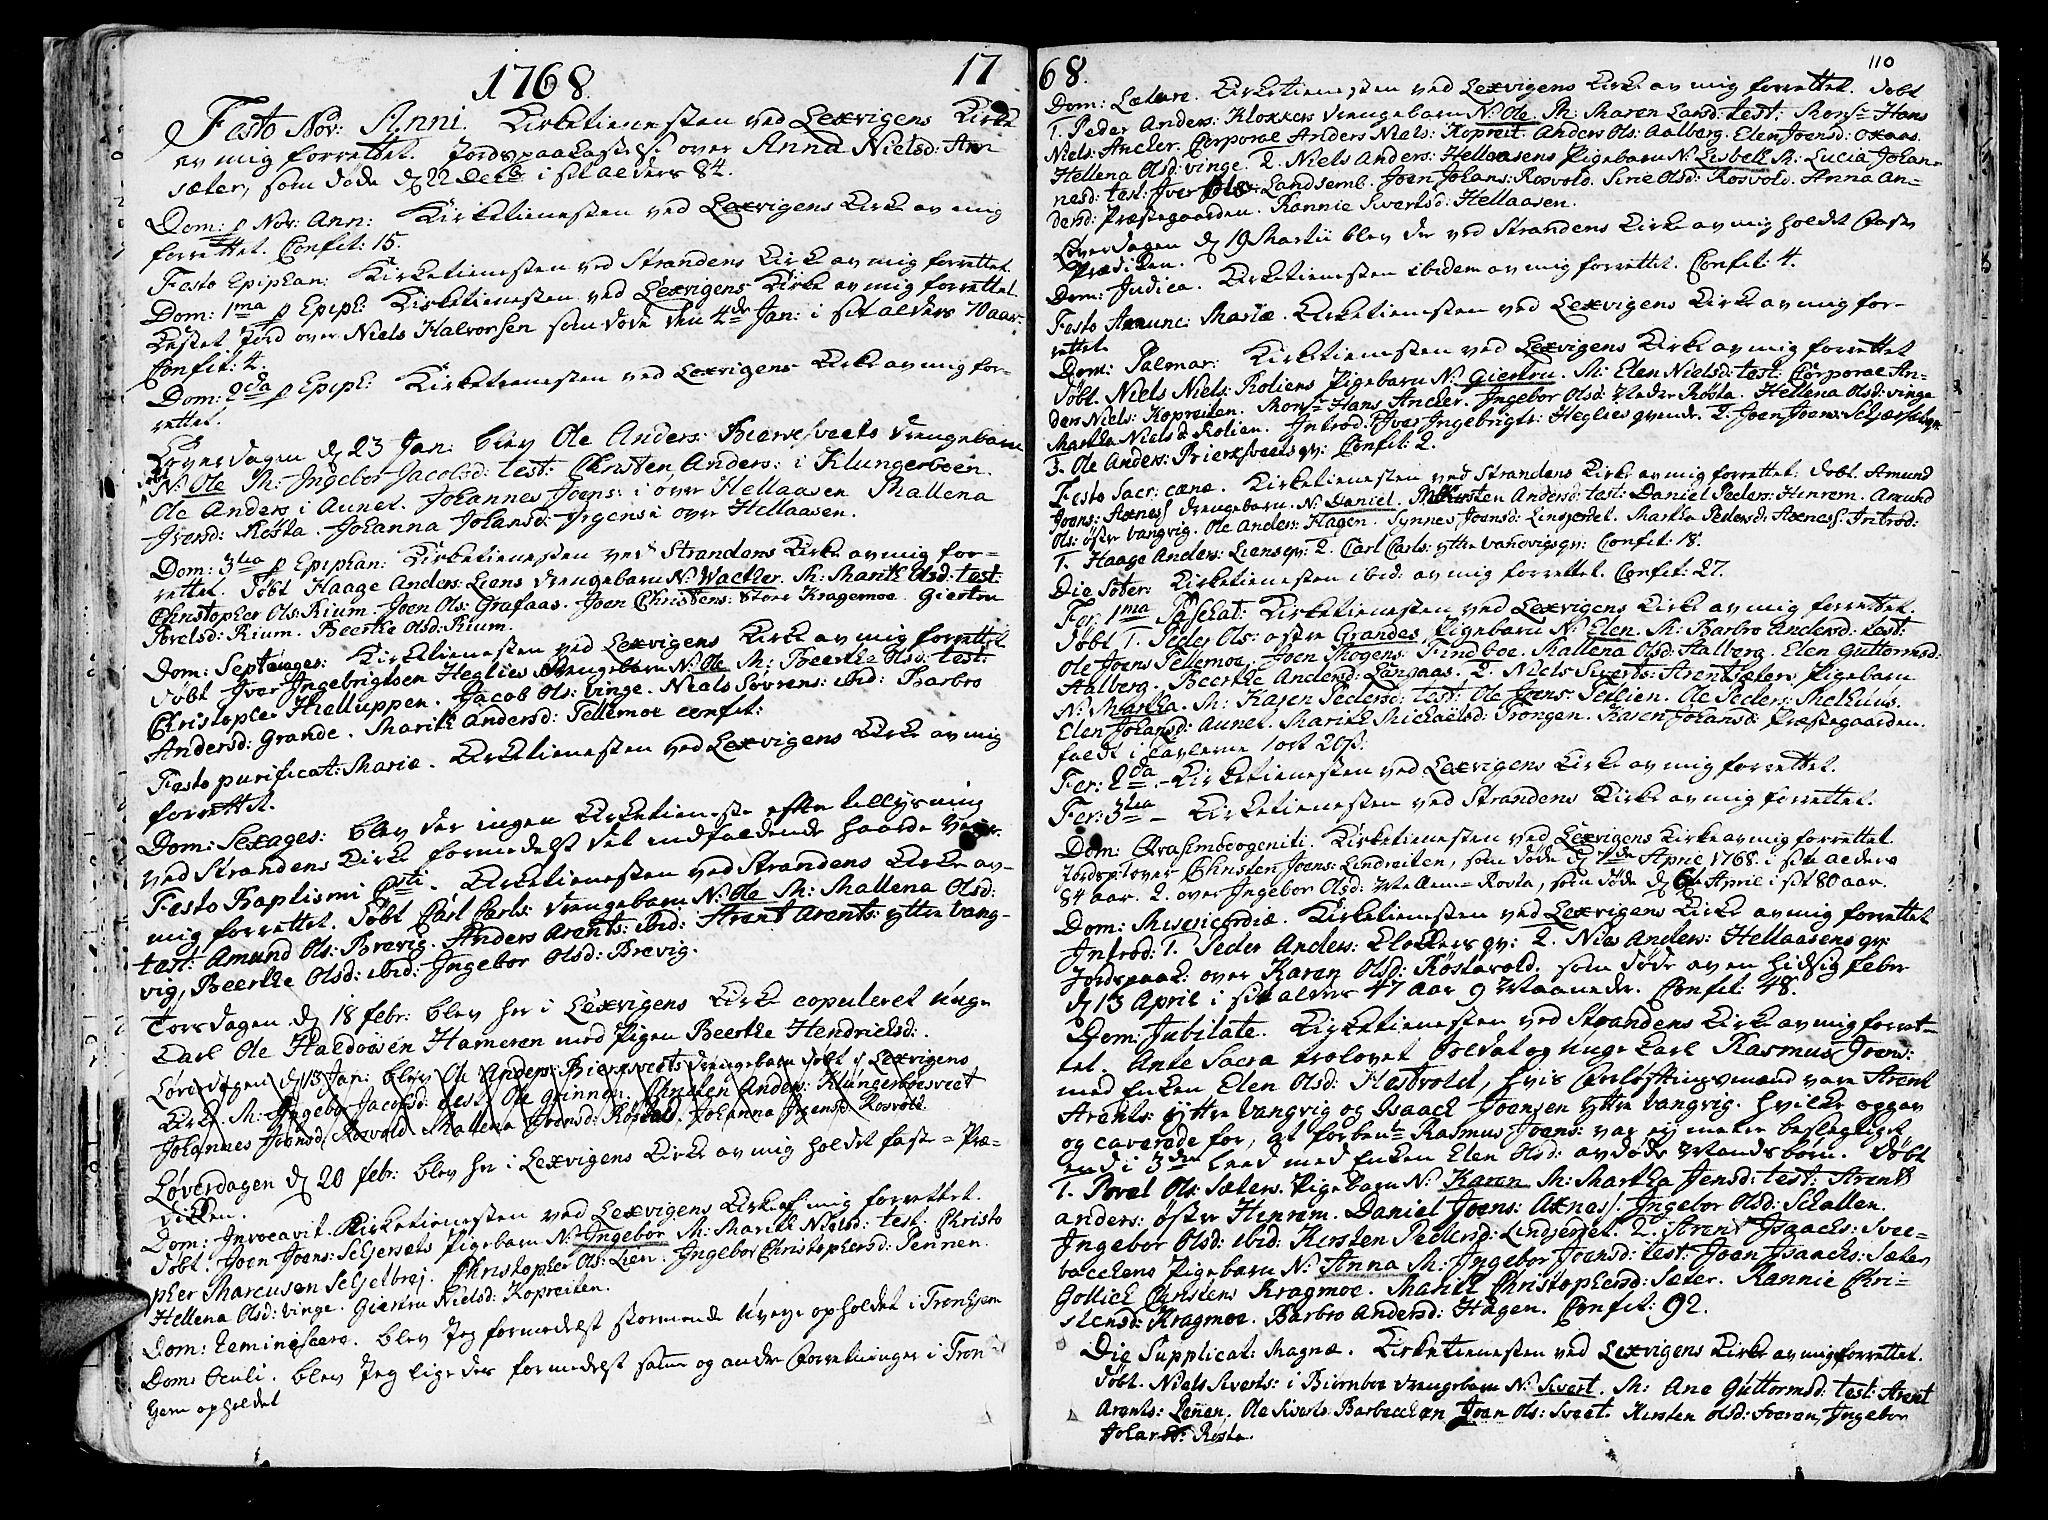 SAT, Ministerialprotokoller, klokkerbøker og fødselsregistre - Nord-Trøndelag, 701/L0003: Ministerialbok nr. 701A03, 1751-1783, s. 110